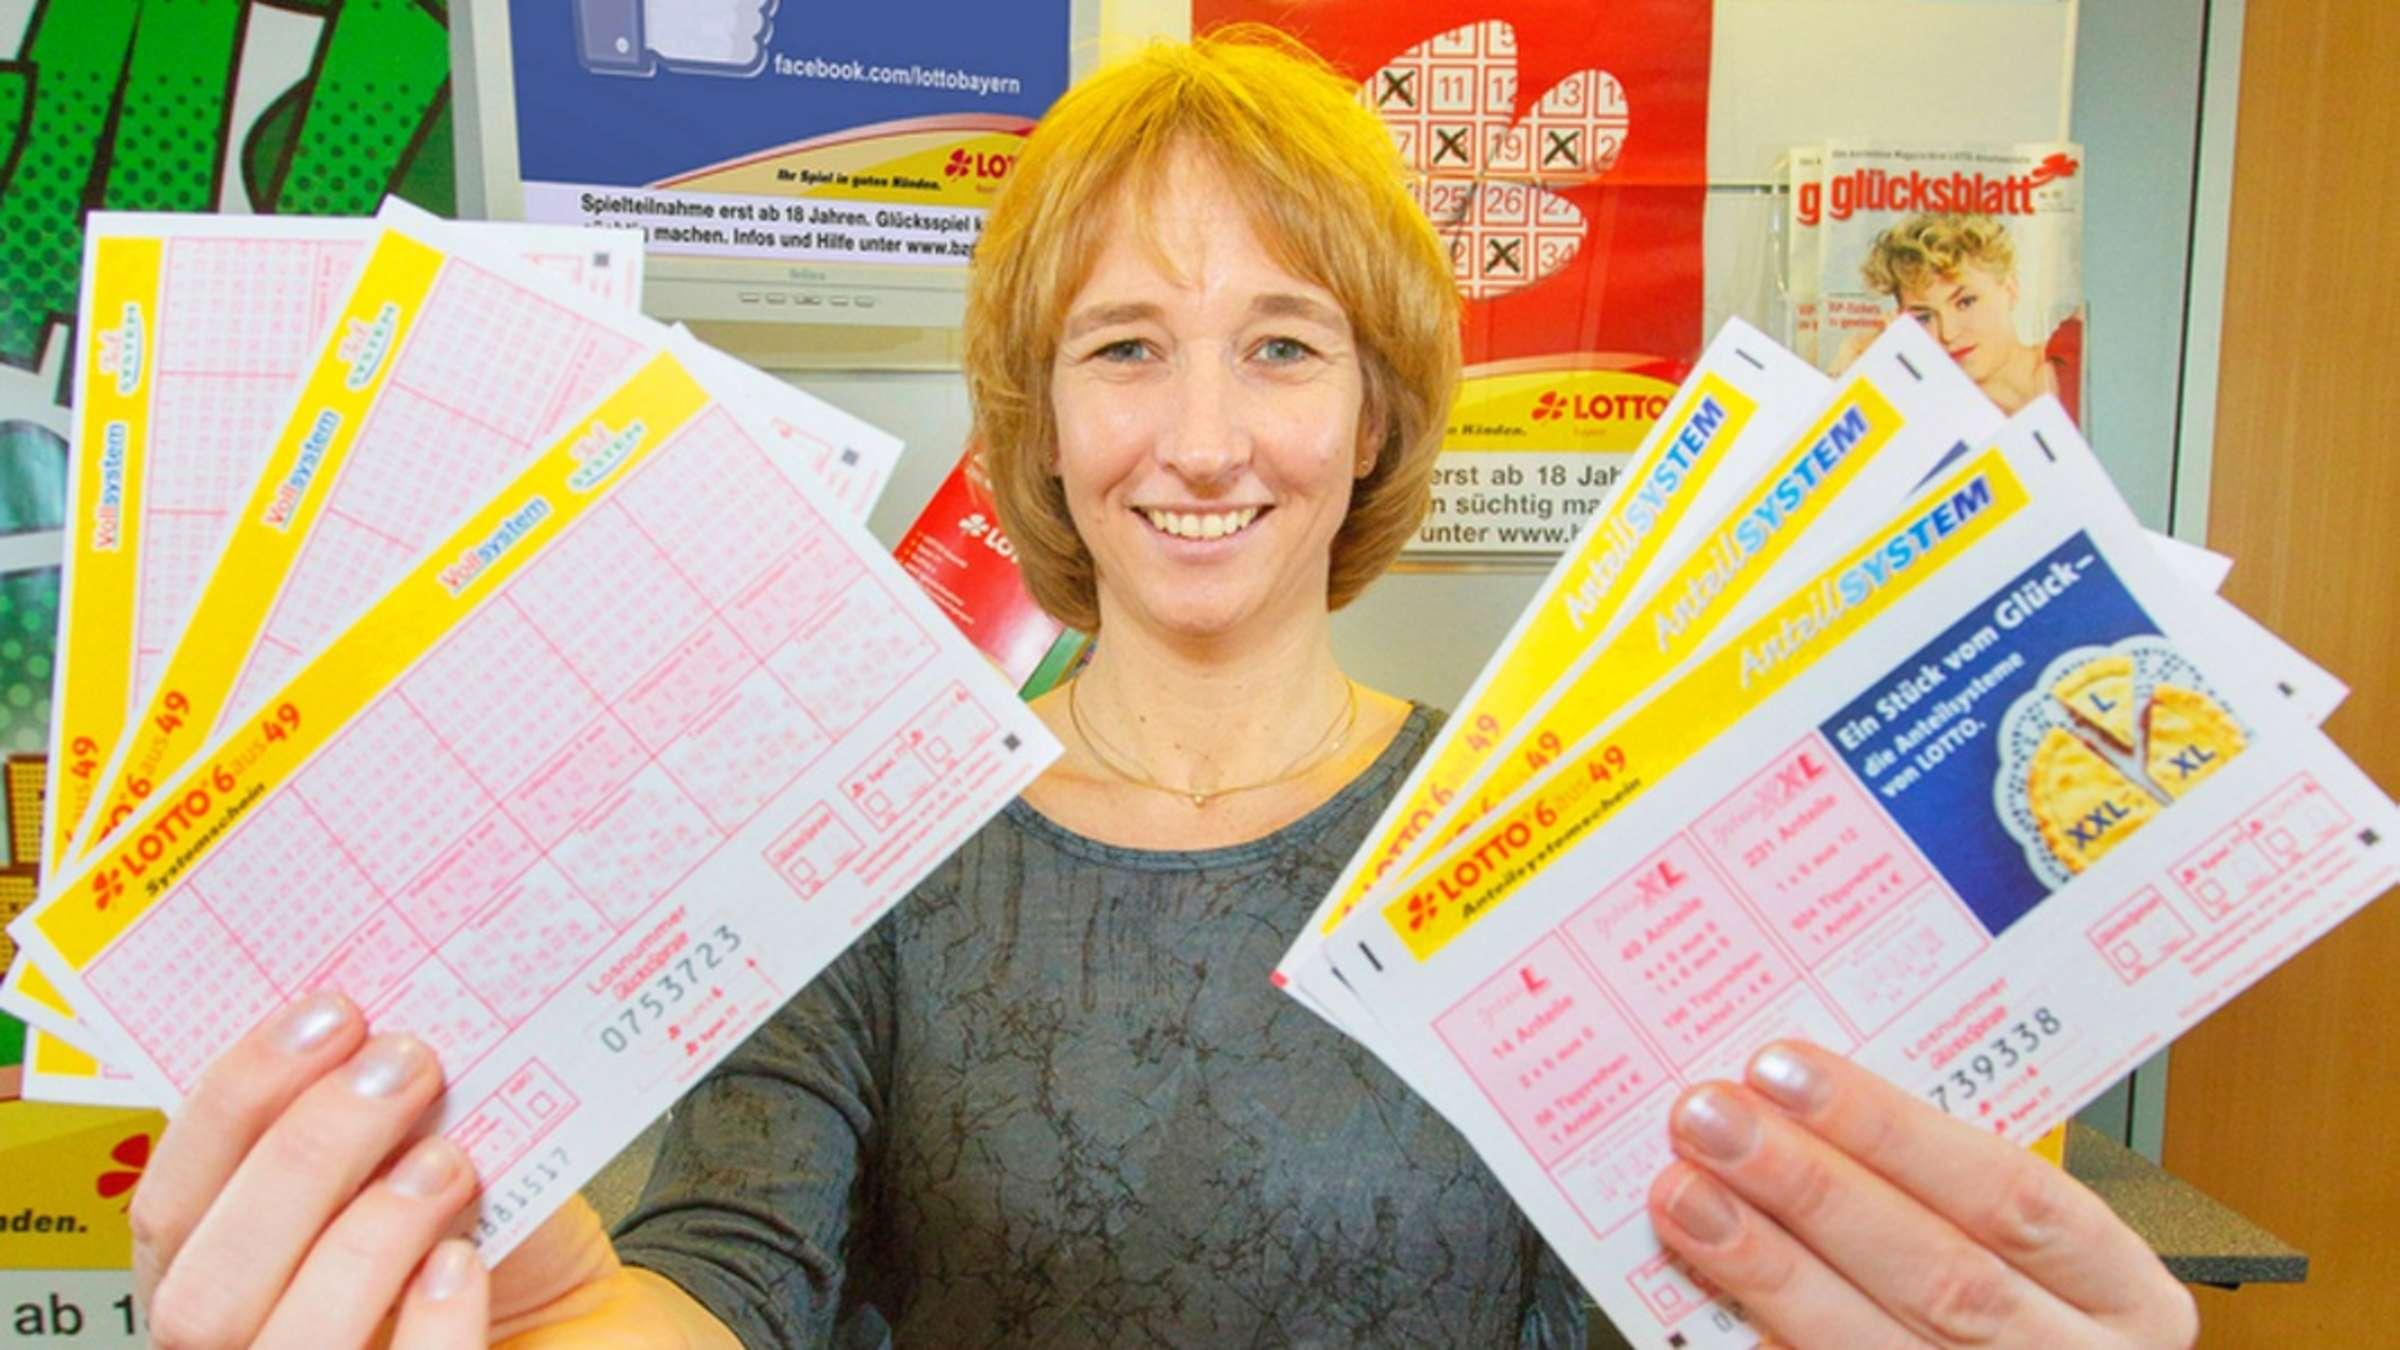 Lotto Die Tz Erklart Das Spiel Mit Systemscheinen Stadt